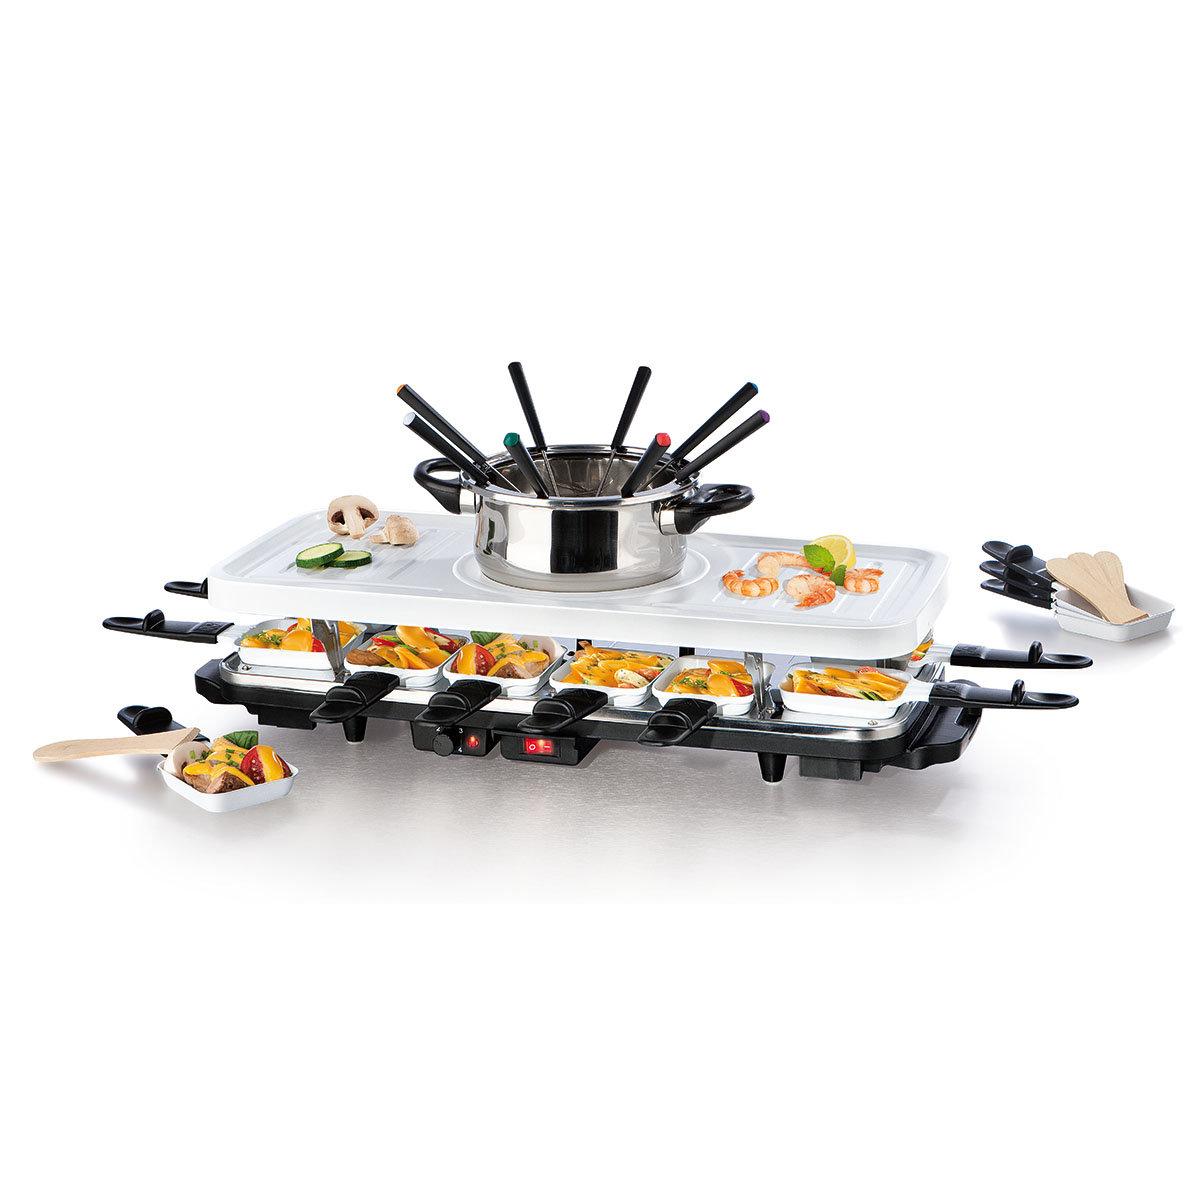 Raclette- & Fondue-Set mit Keramik-Antihaftbeschichtung | #3